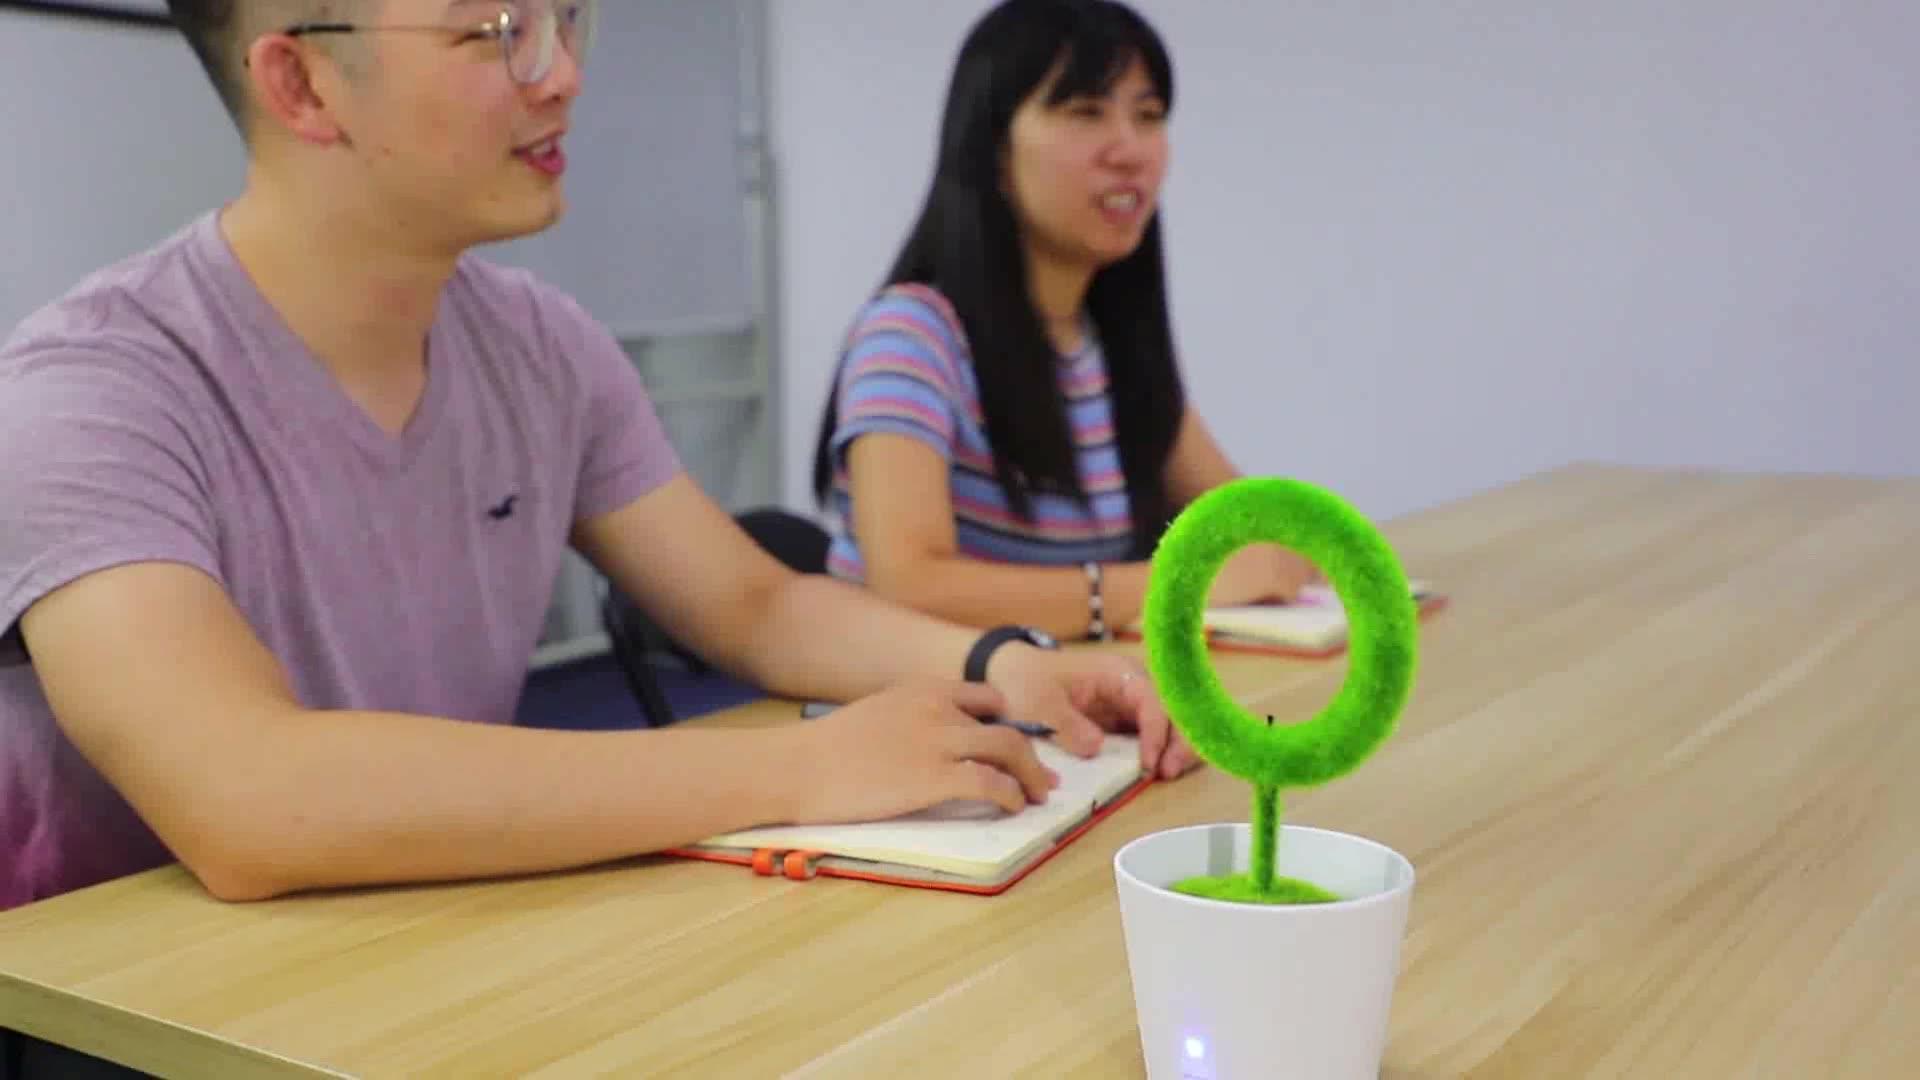 베스트 셀러 2020 최신 디자인 데스크탑 식물 공기 청정기 뜨거운 혁신적인 신제품